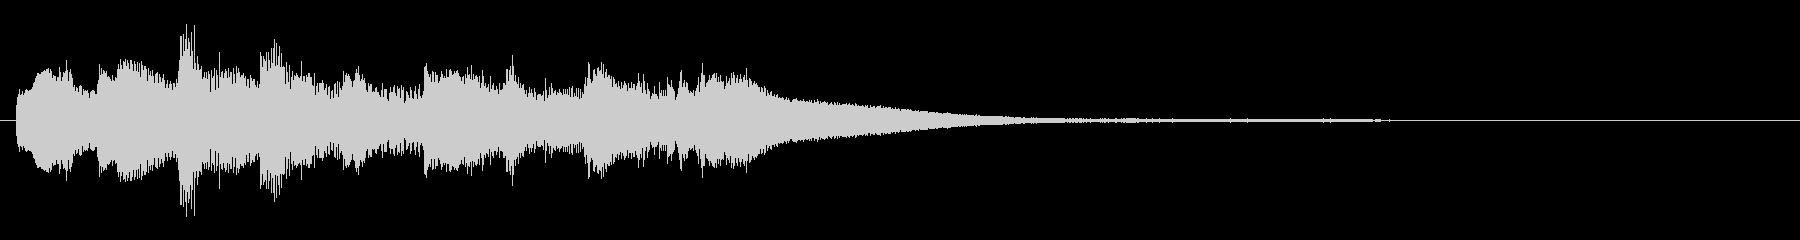 優しい静かなピアノジングル/ストリングスの未再生の波形